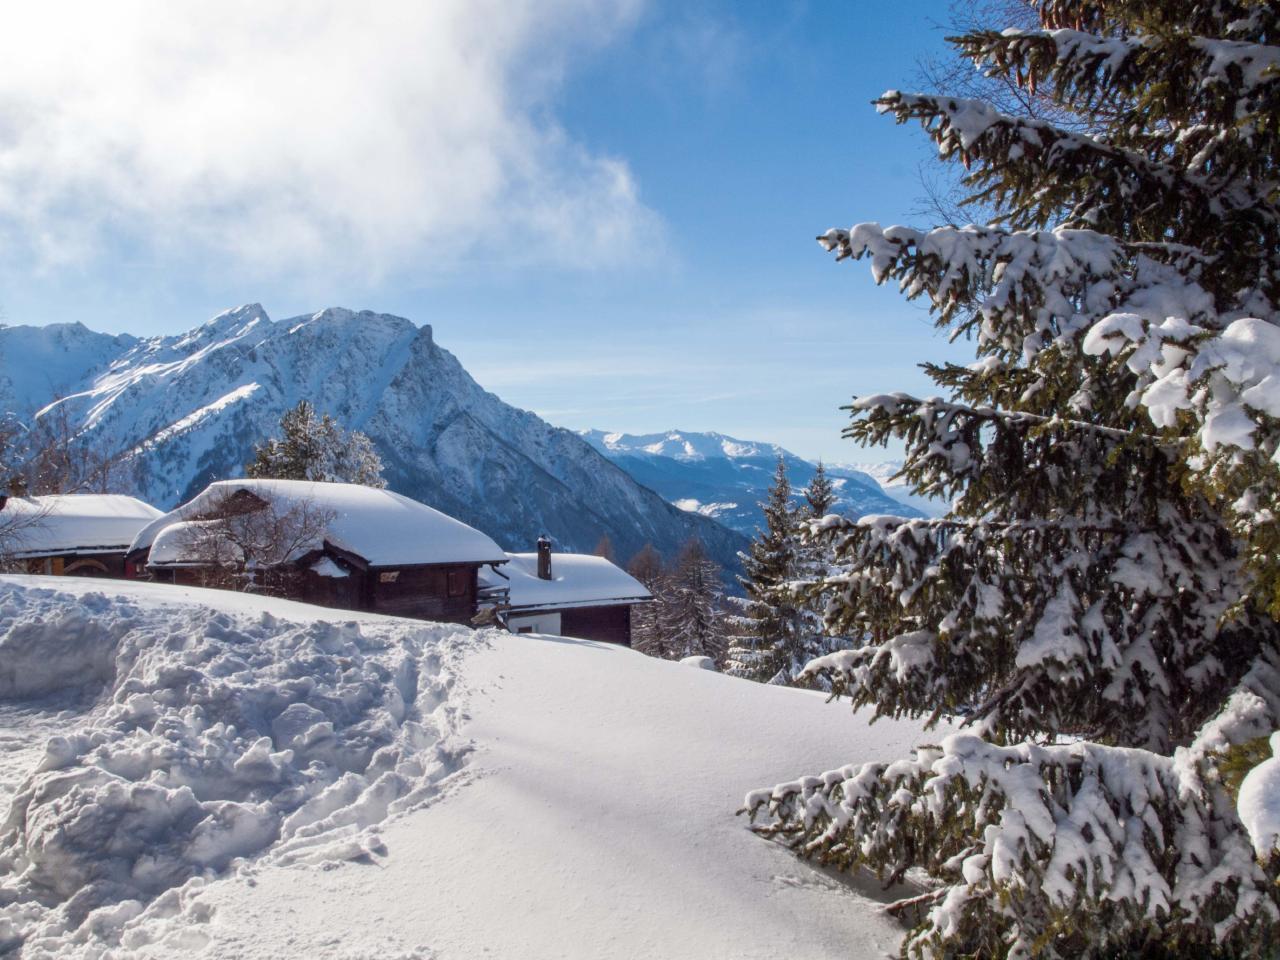 Ferienwohnung Urchiges Walliserchalet auf Rosswald | Alphütte OG (2171131), Rosswald, Brig - Simplon, Wallis, Schweiz, Bild 18